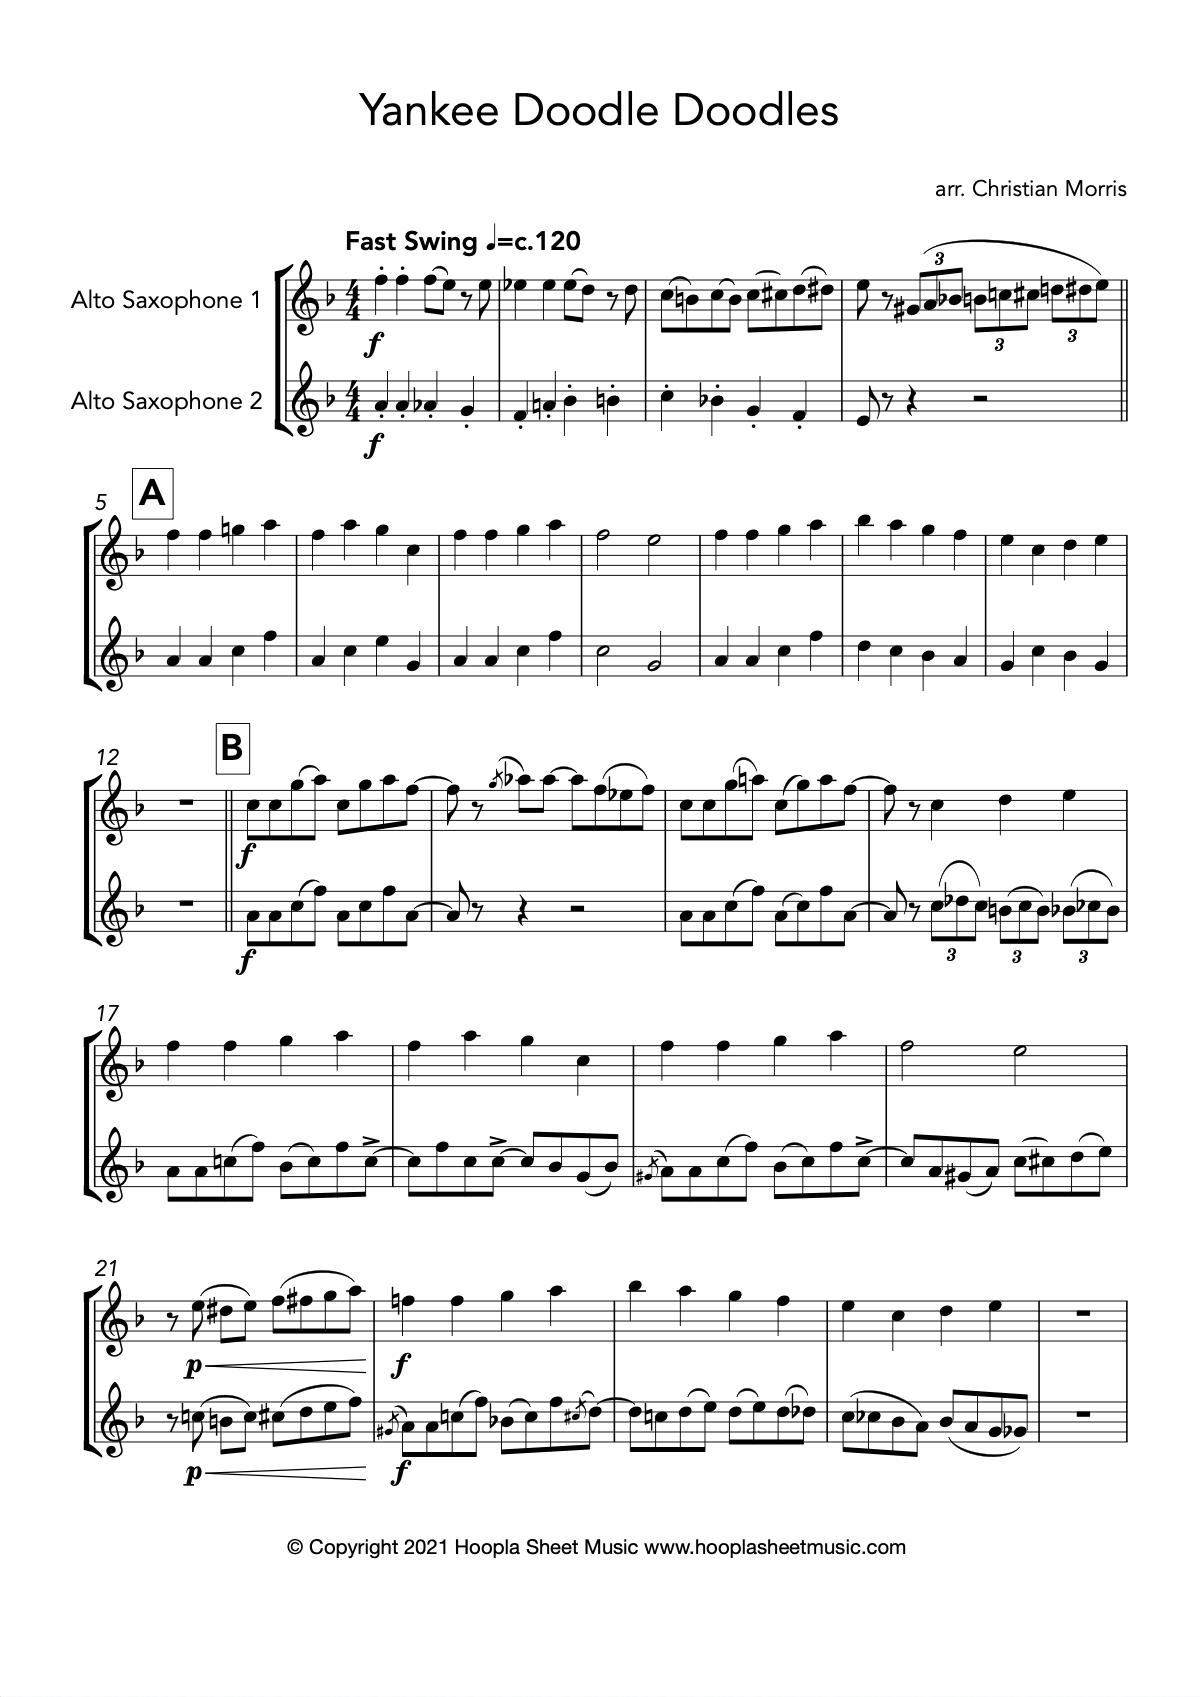 Yankee Doodle Doodles (Alto Saxophone Duet)